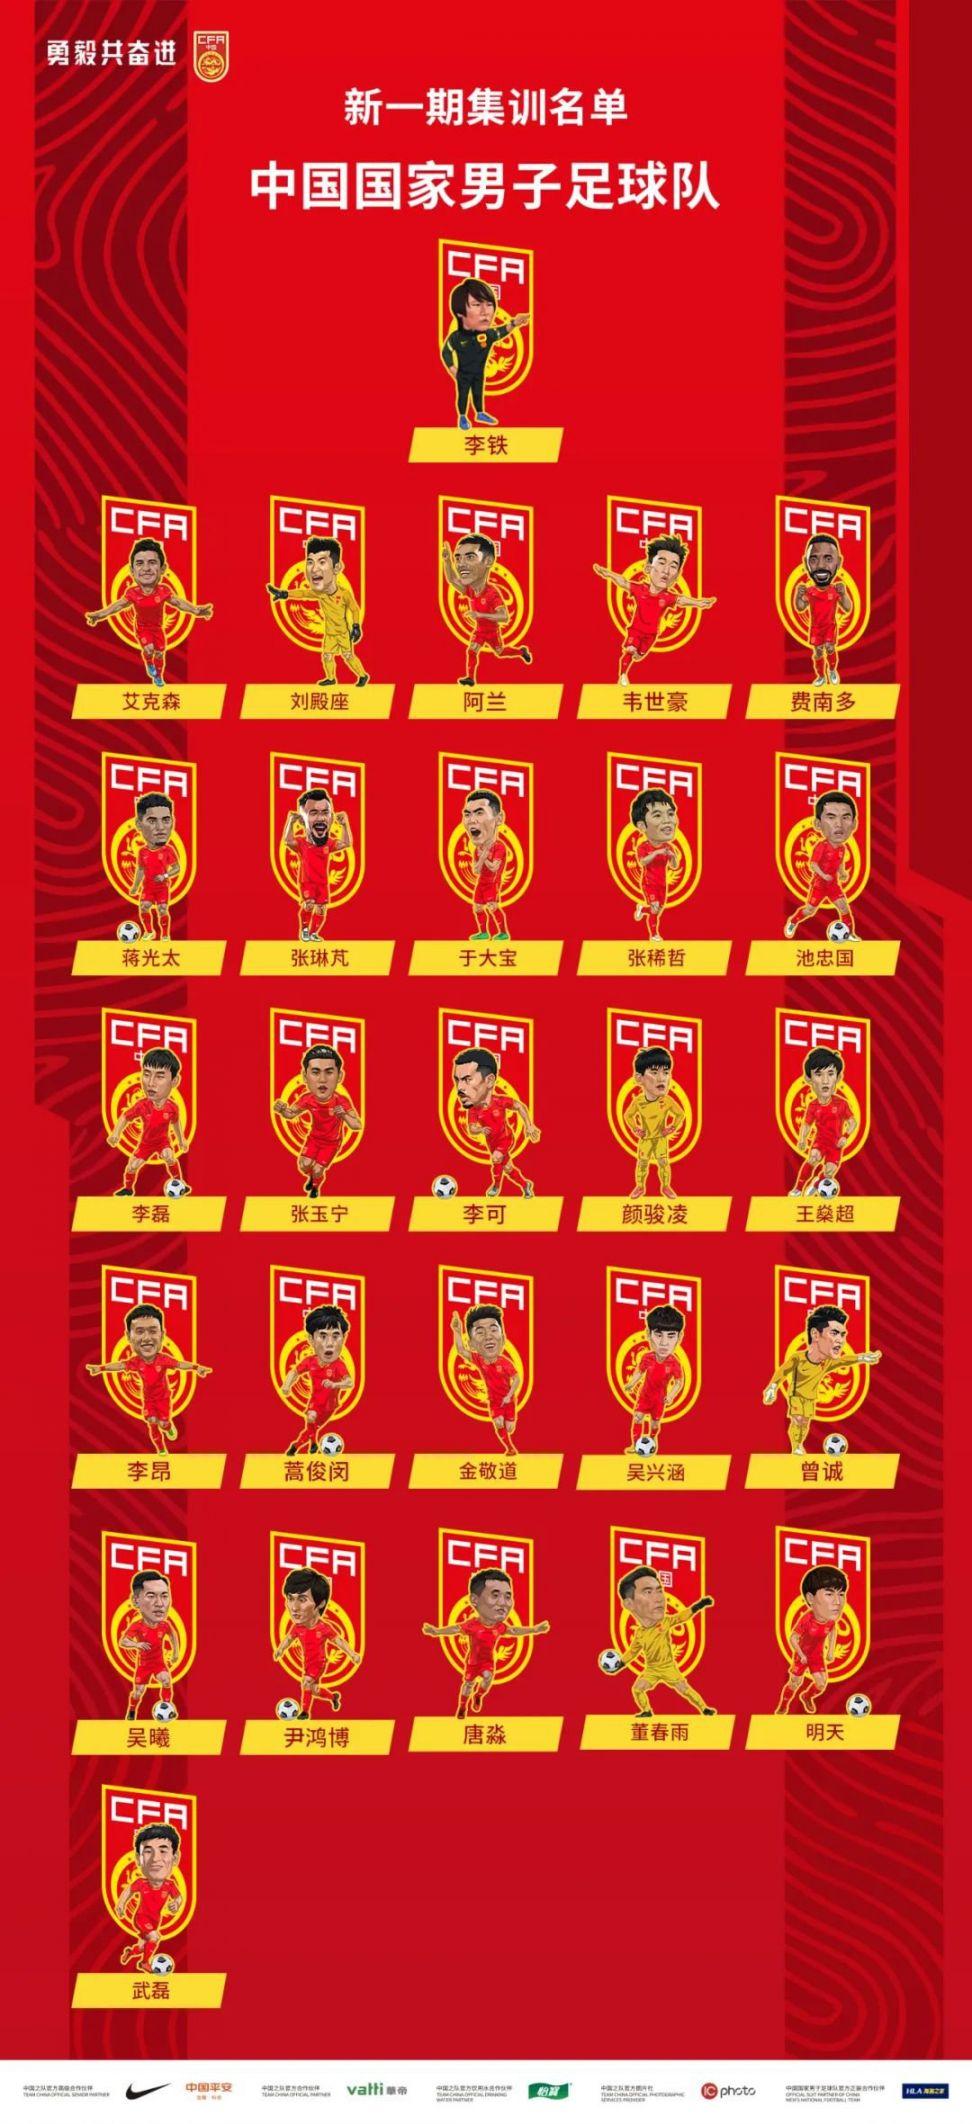 2022年世界杯预选赛国足集训名单(持续更新)